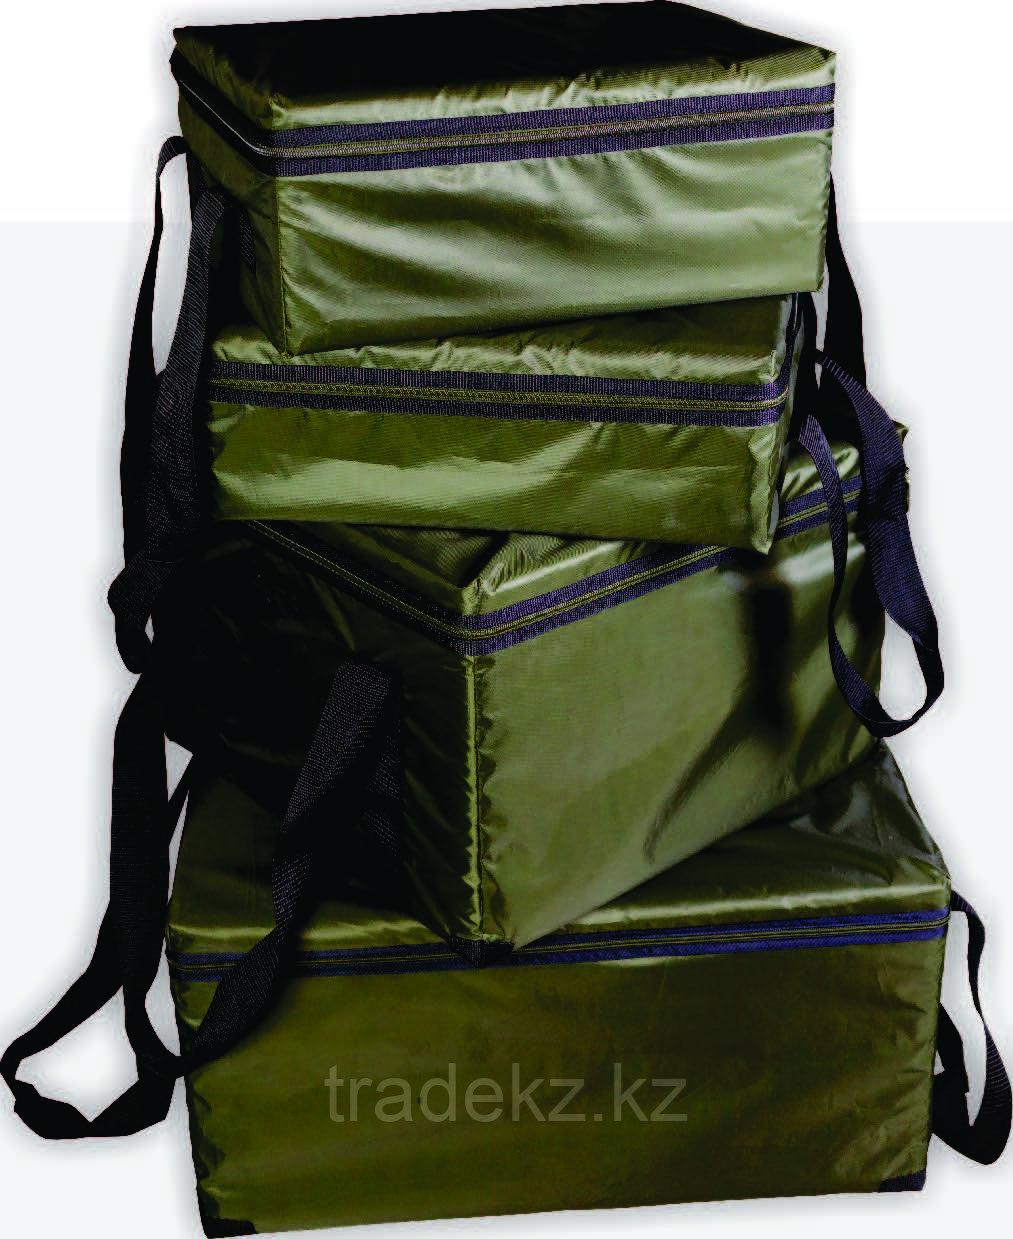 Термобокс, термоконтейнер, объем 6 л., в комплекте с сумкой